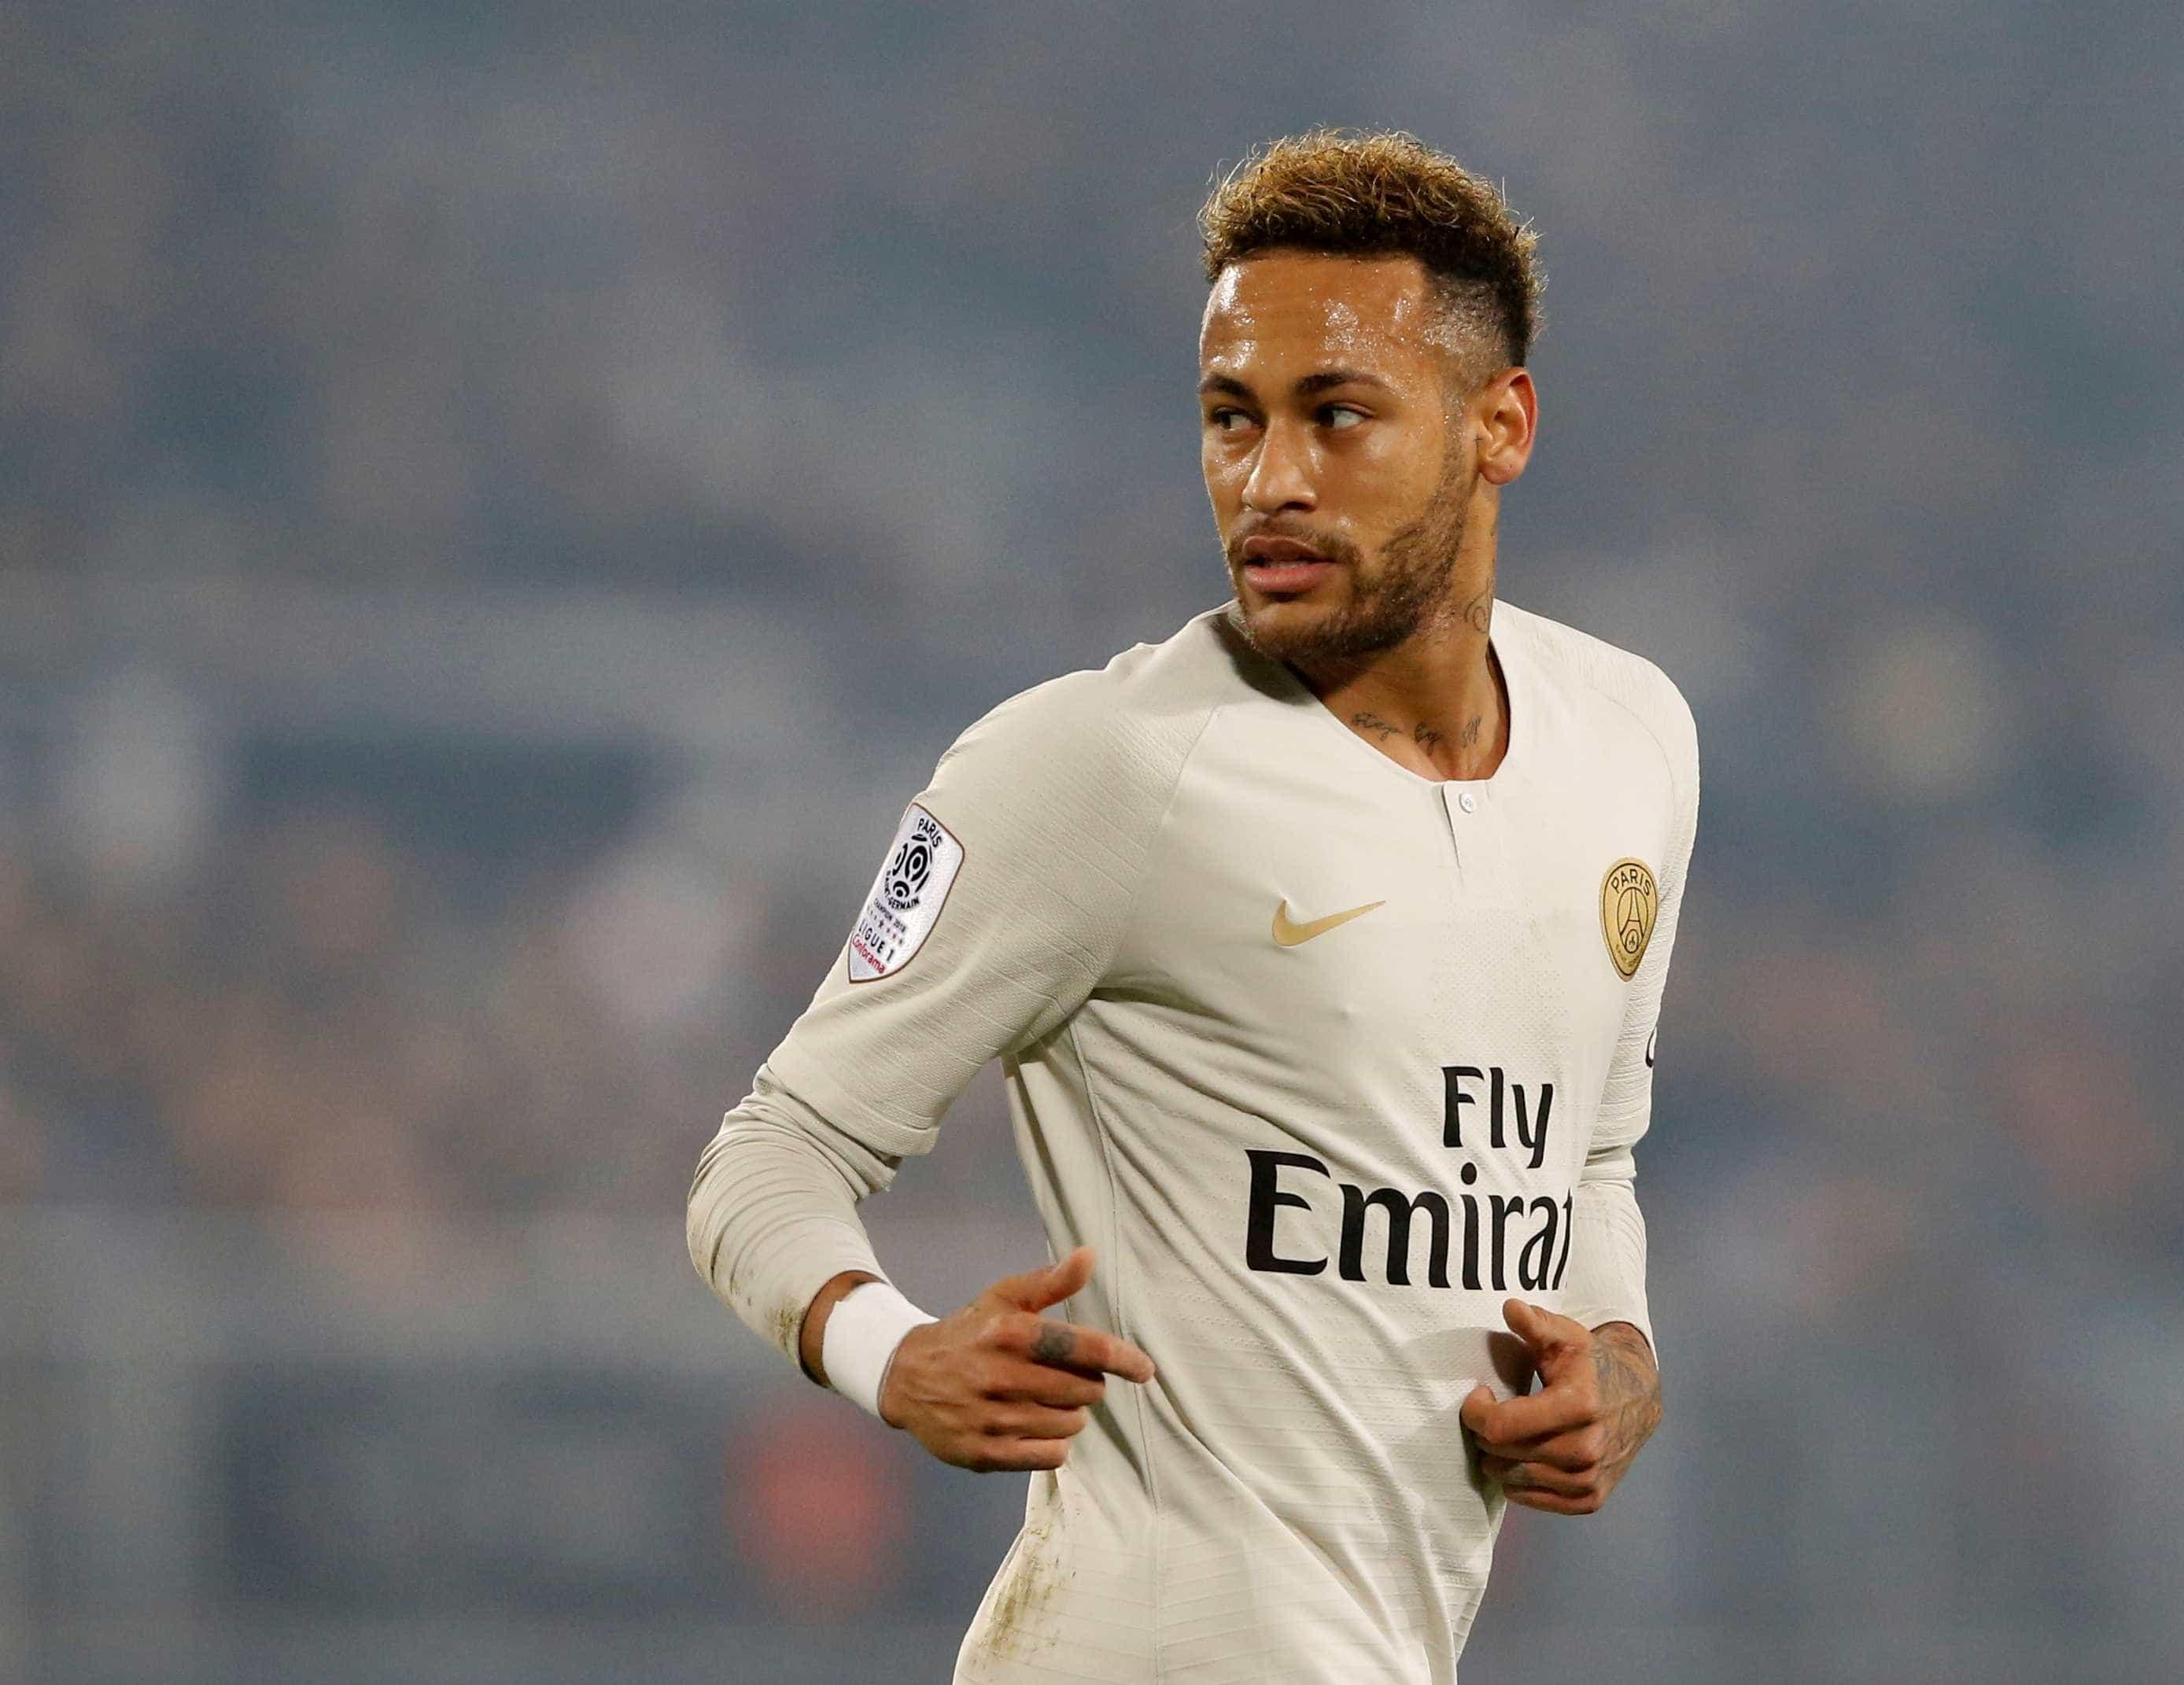 'Milionário, famoso e bonito', declara jogador sobre Neymar